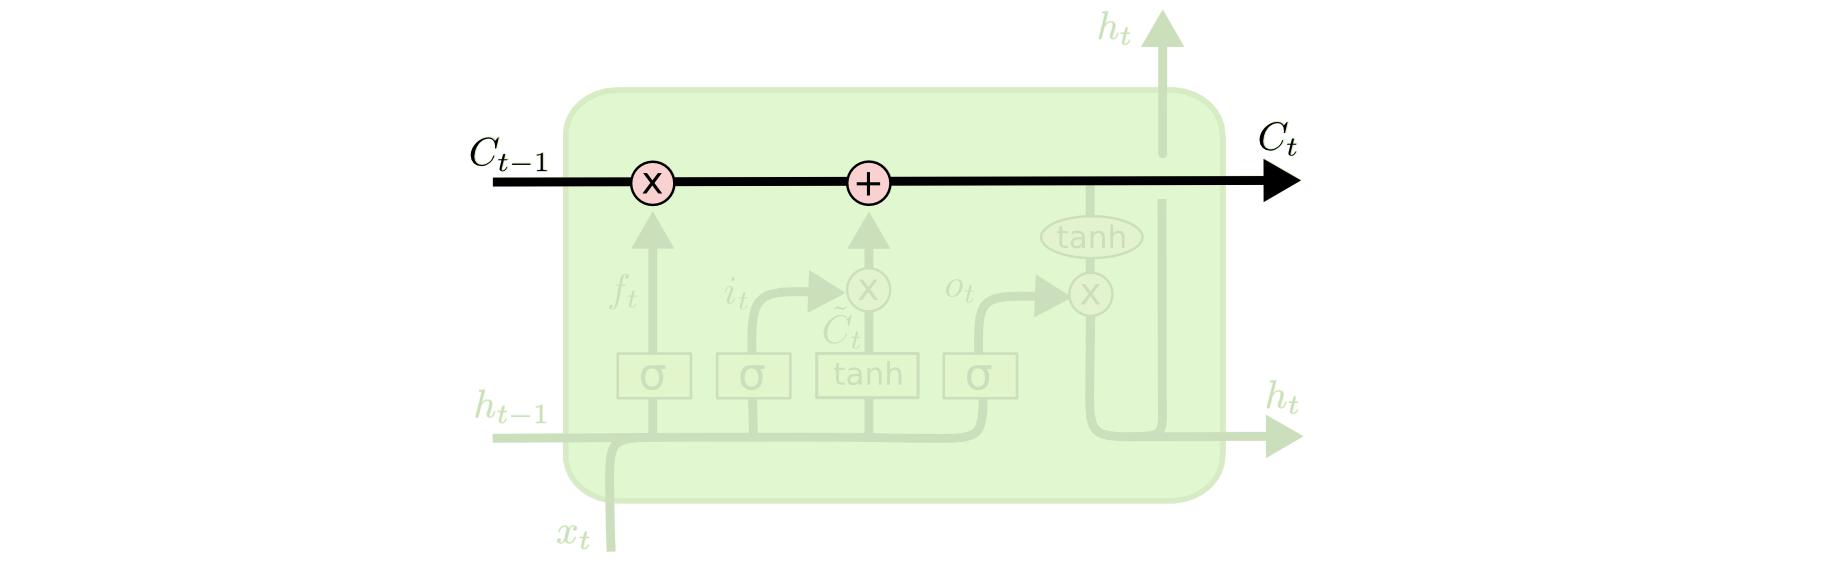 LSTM3-C-line